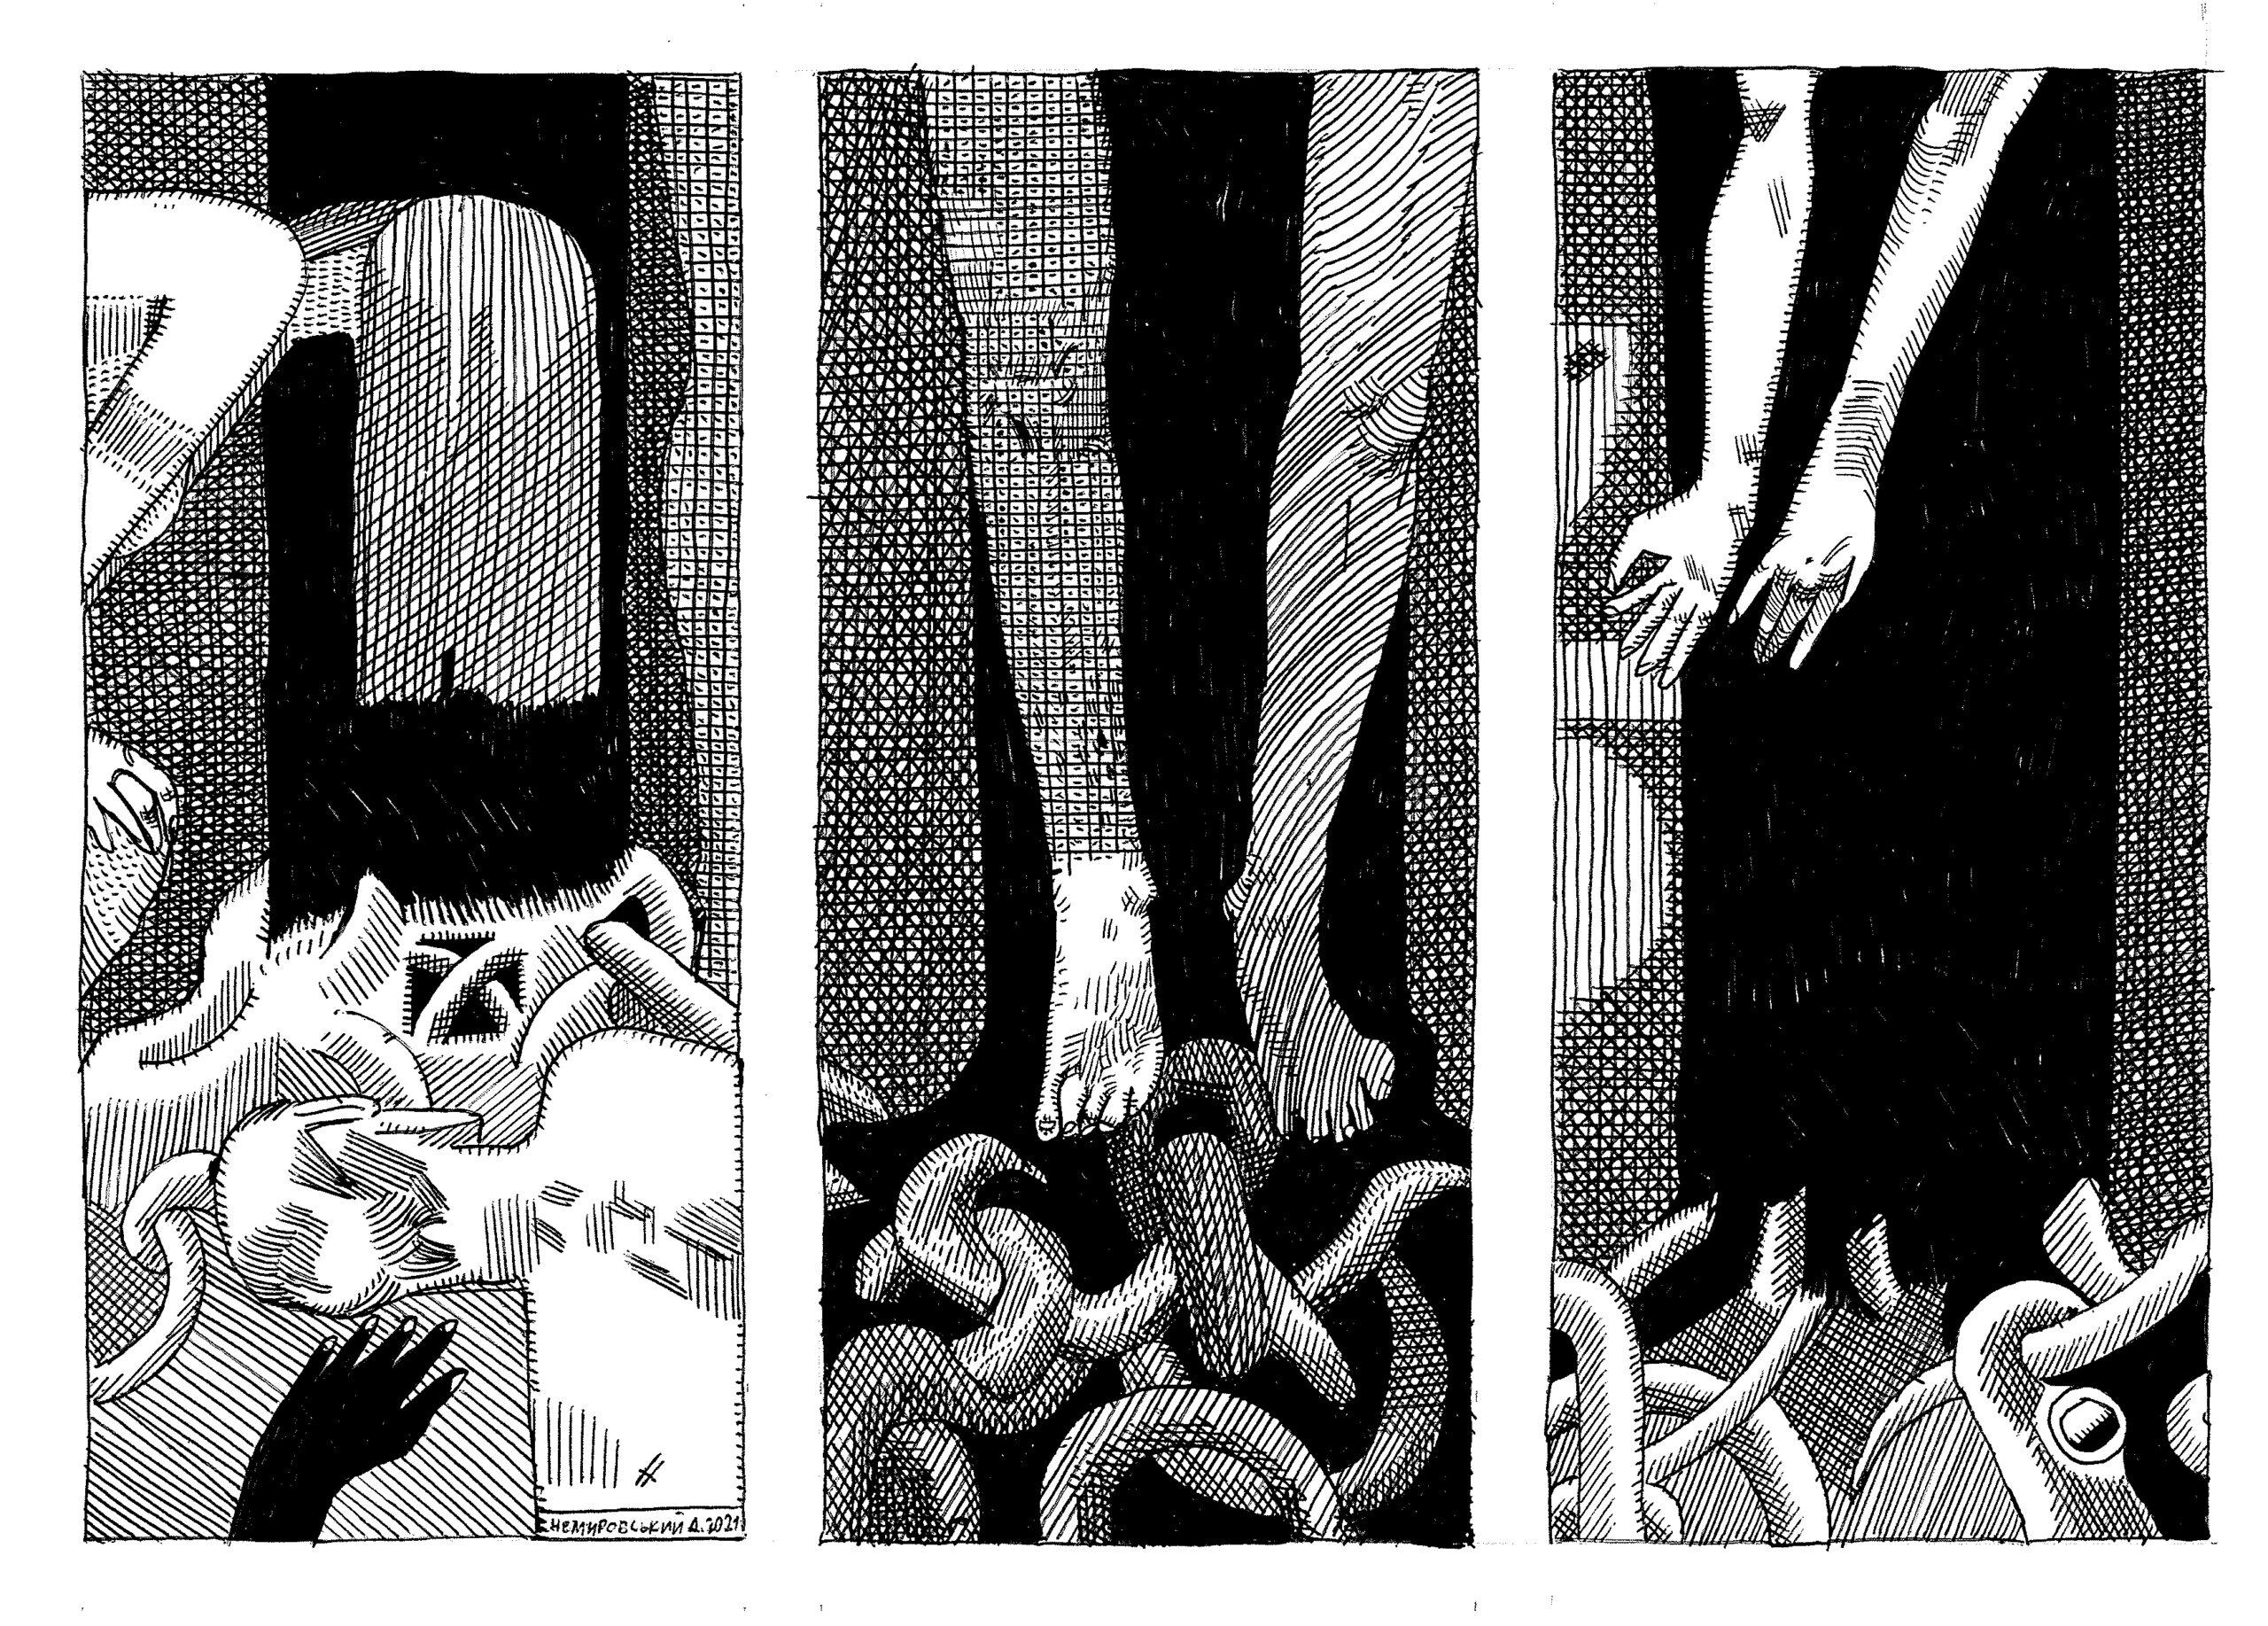 Поза межами любові: про серію робіт маріупольського графіка Даніїла Немировського